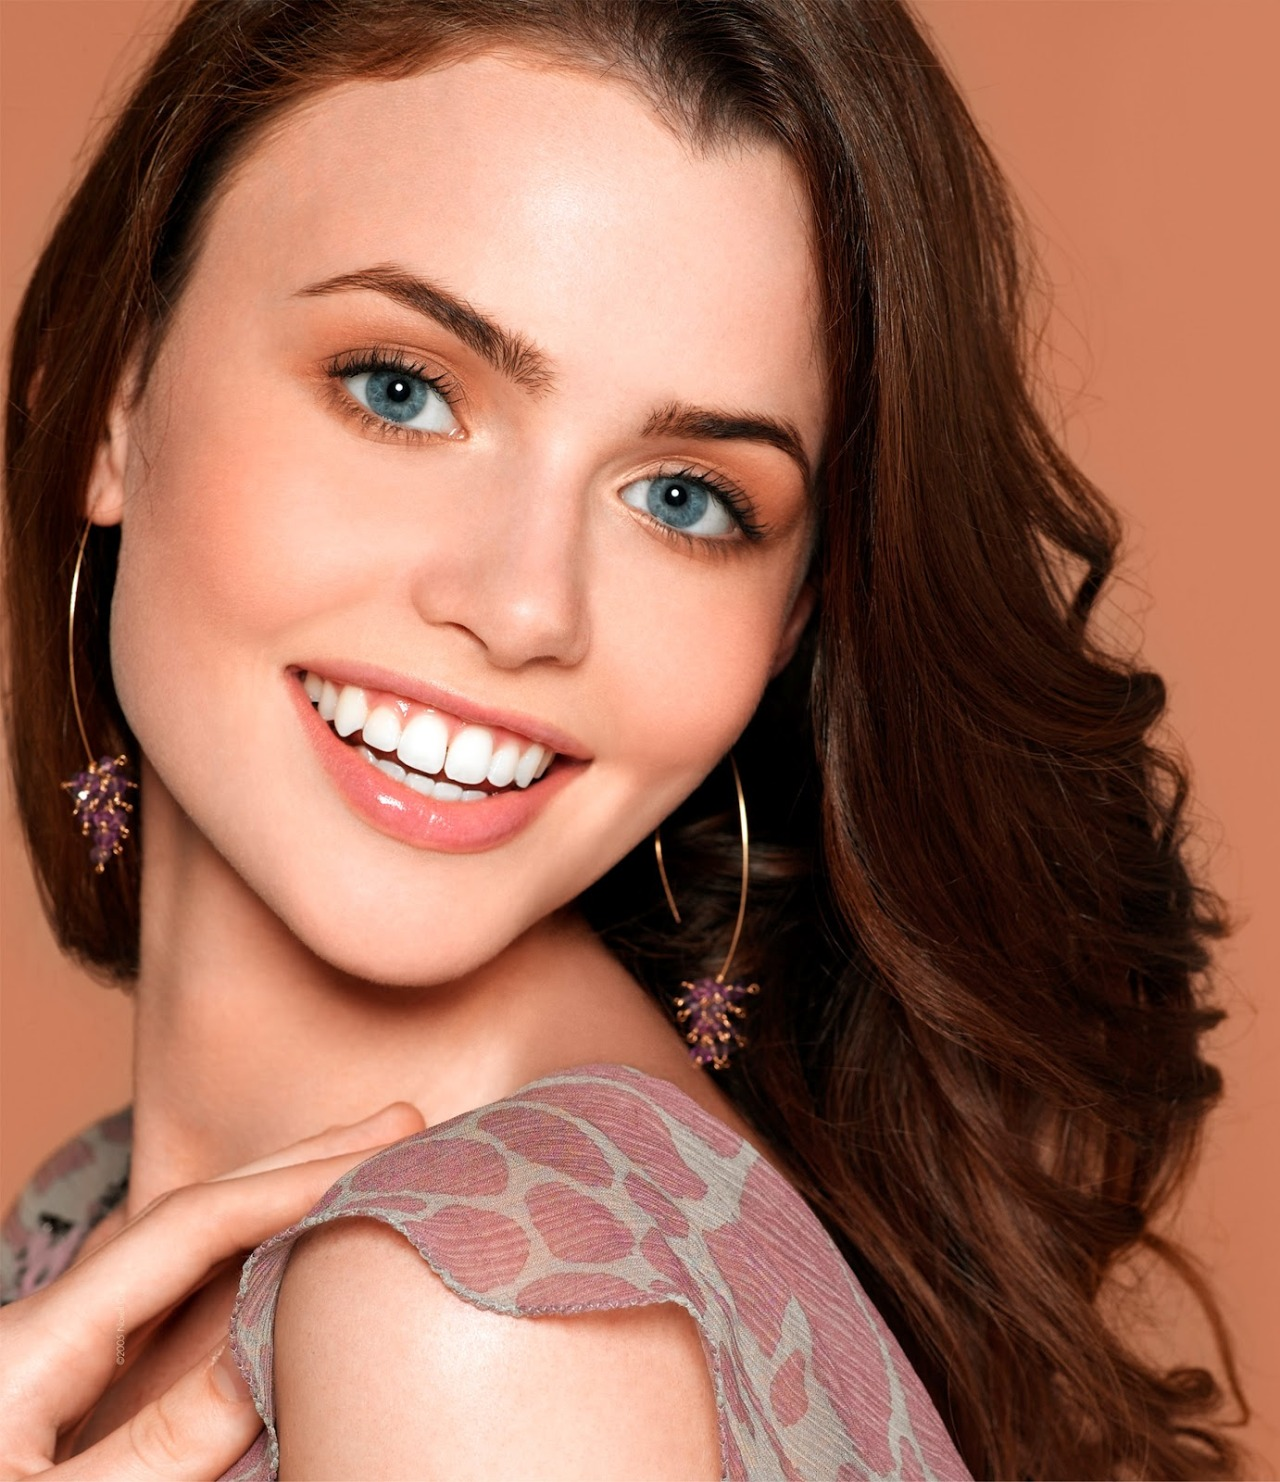 Победительницы топ девушка модель по русски вакансия работы в нальчике для девушек